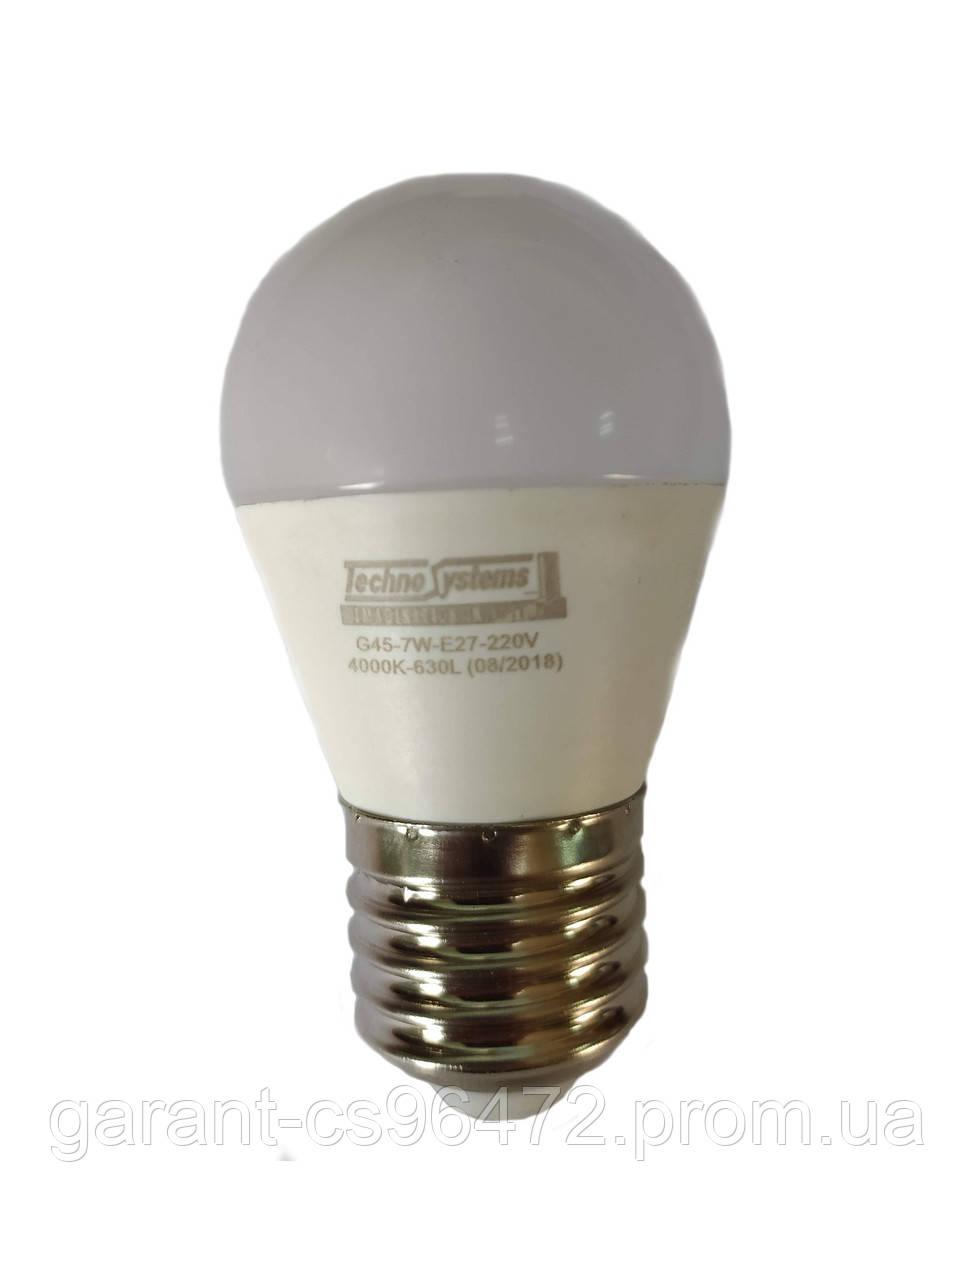 Лампа светодиодная LED Bulb-G45-7W-E27-220V-4000K-630L ICCD (шар) TNSy